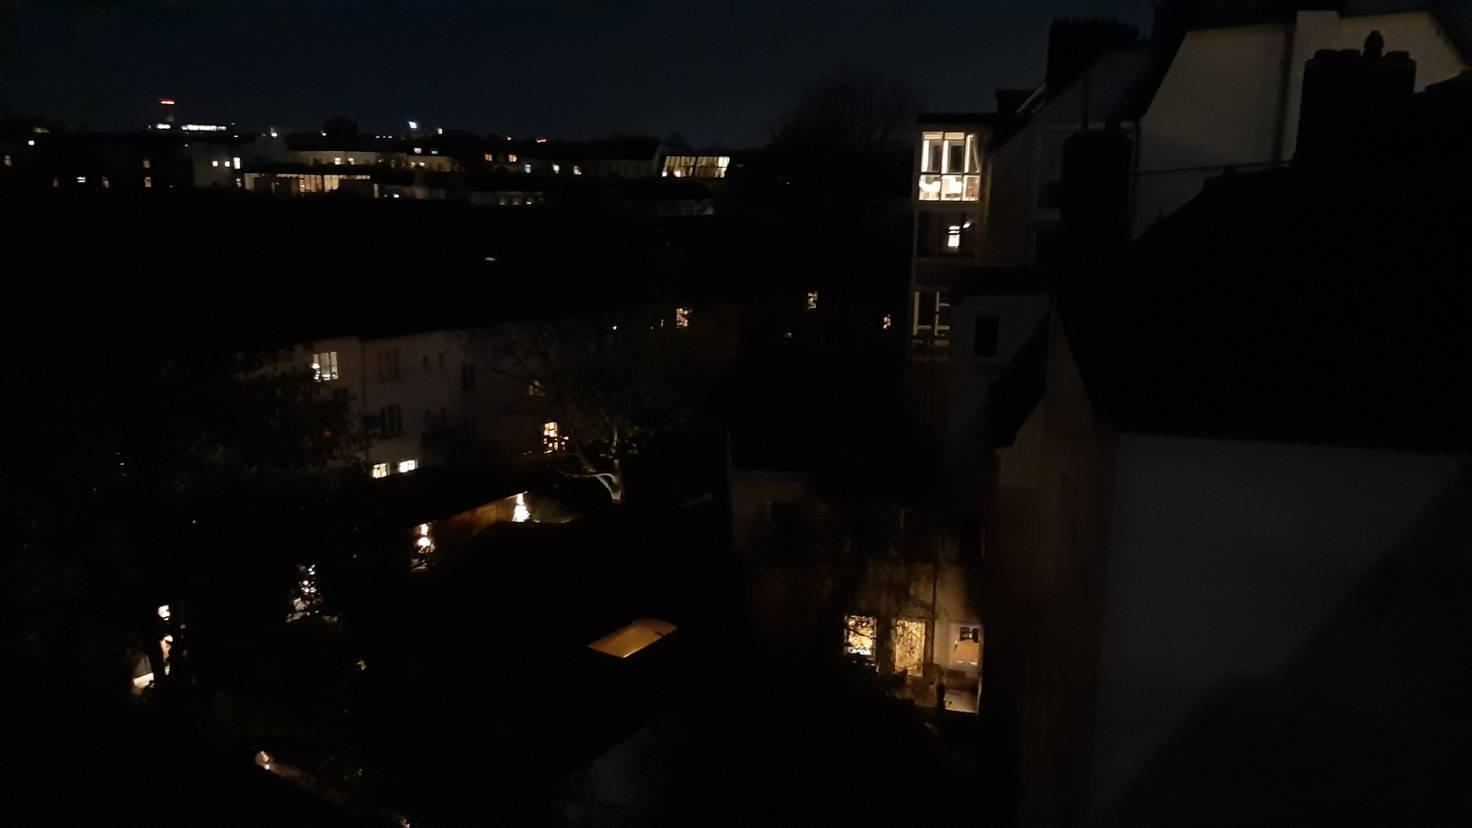 Nachts gibt es nicht viel zu sehen.